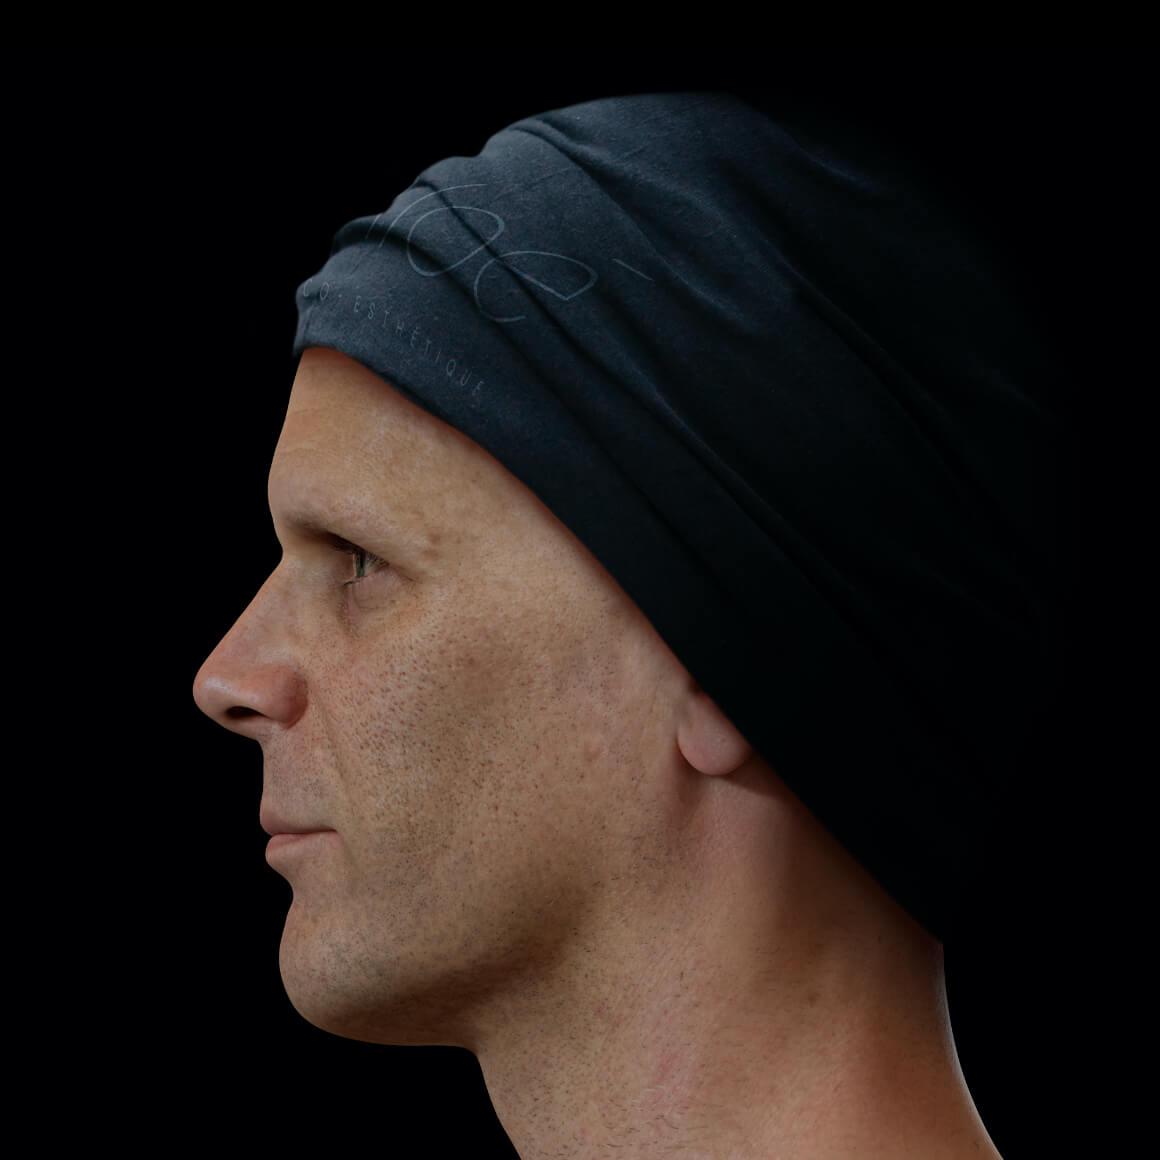 Patient de la Clinique Chloé positionné de côté ayant une peau du visage montrant des pores dilatés